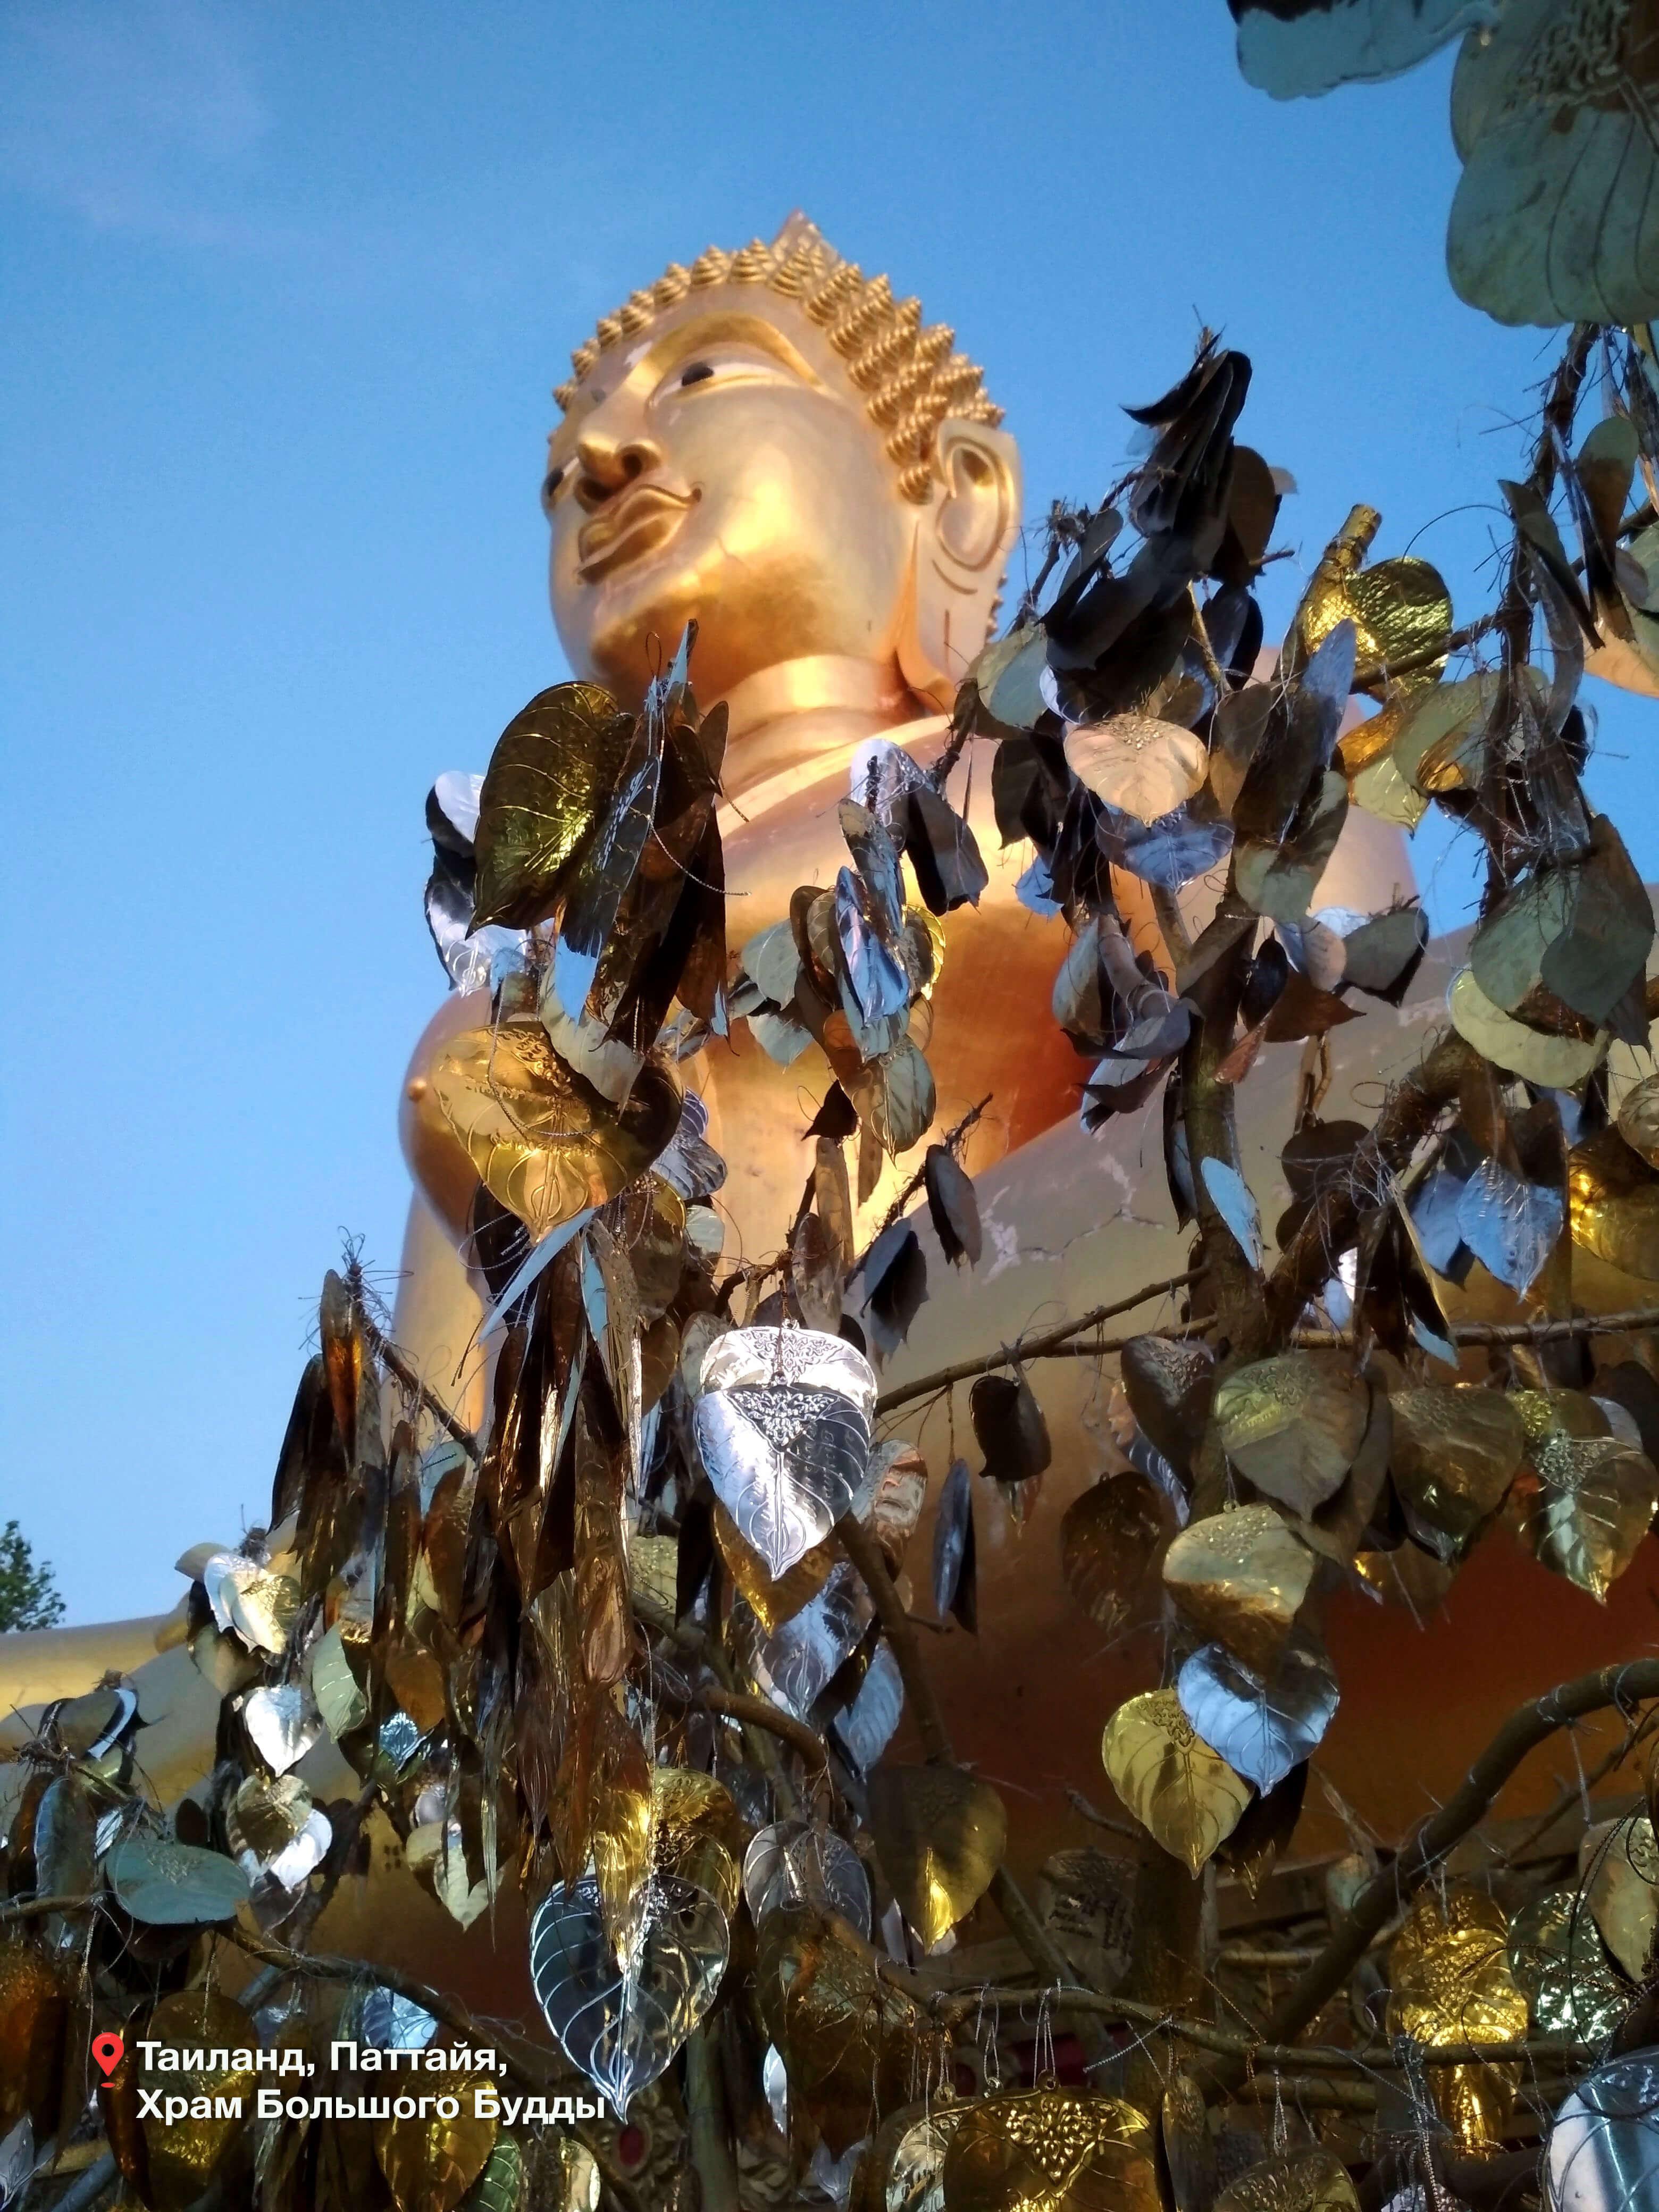 Куда поехать, что посмотреть, Храм Большого Будды, Паттайя.